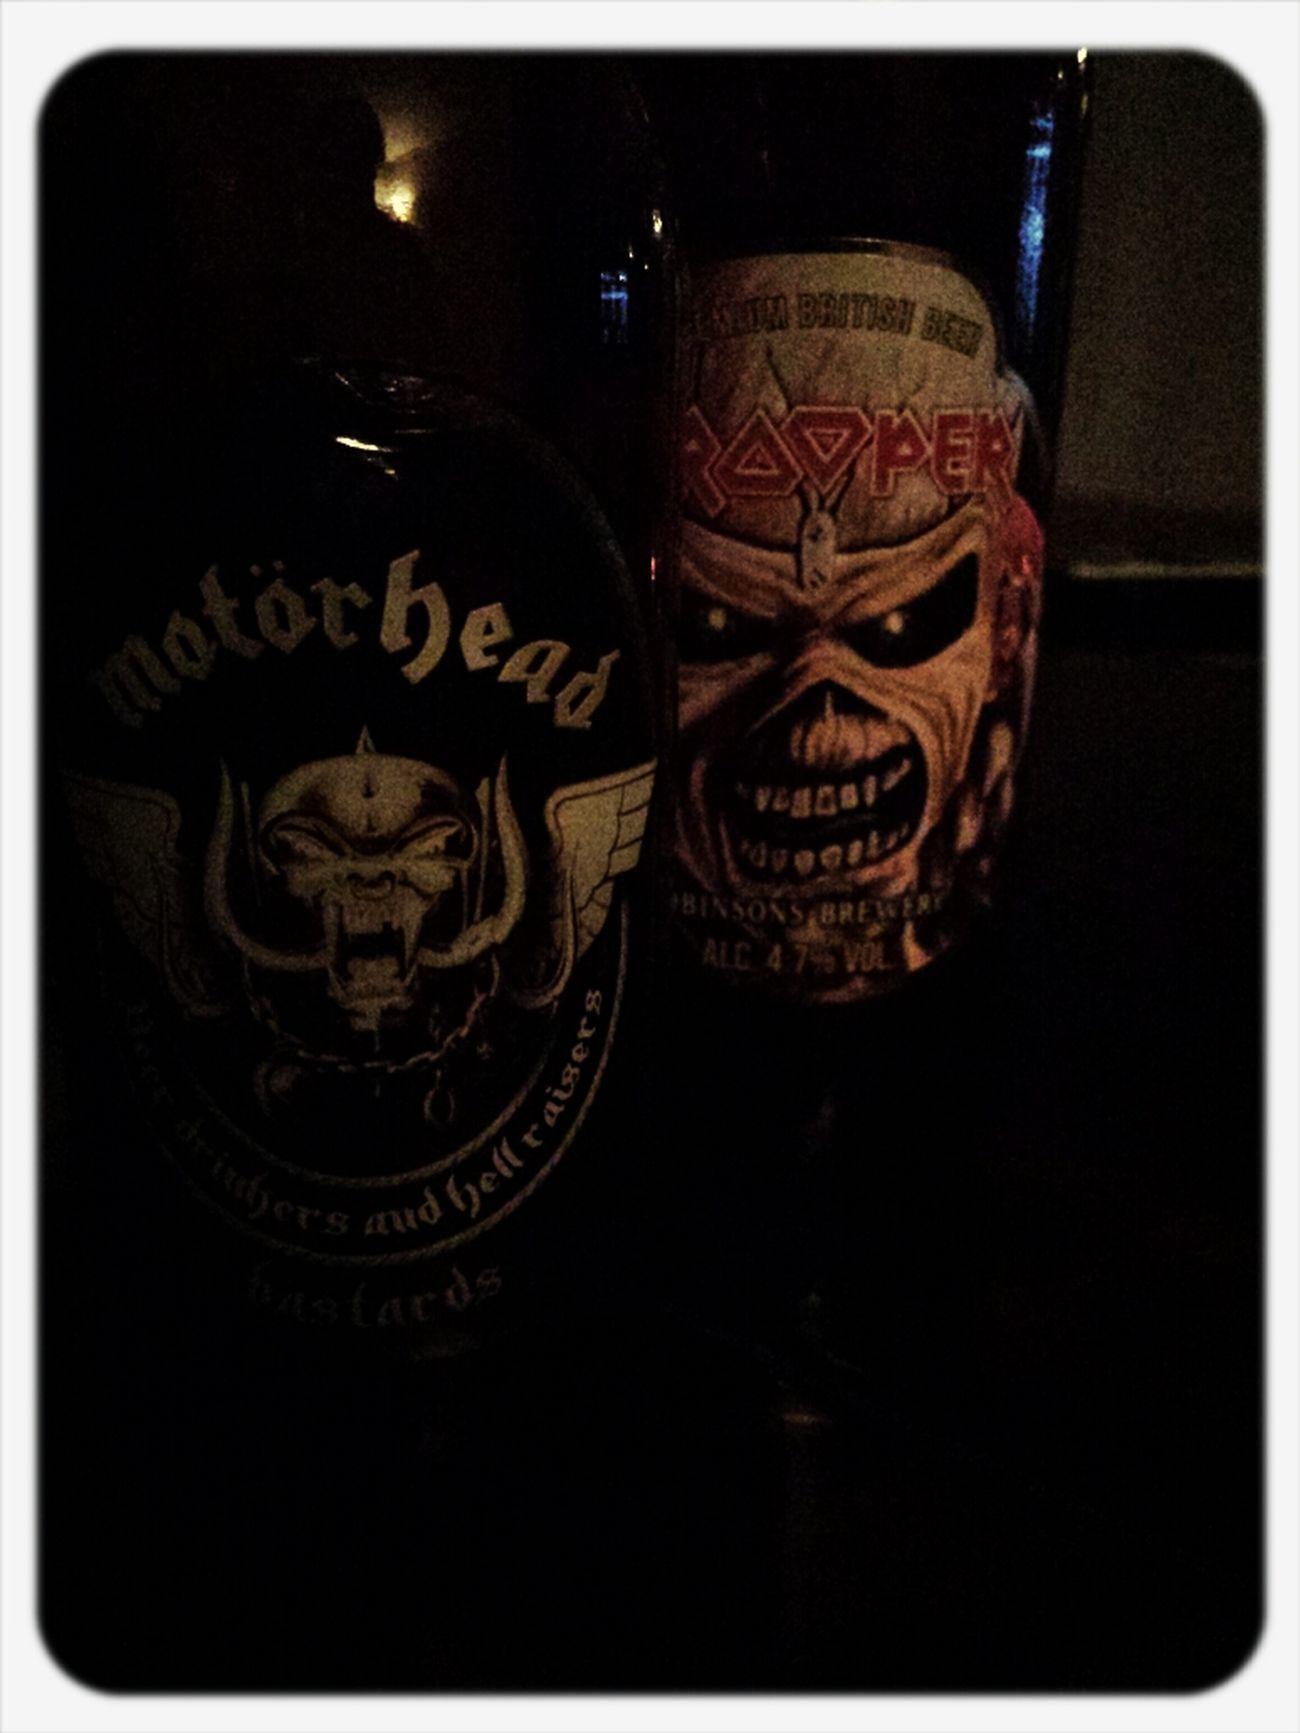 hårdrocks festival i skärted. Motörhead som förband och Maiden som headband. sen blir det frihopp till efterband.